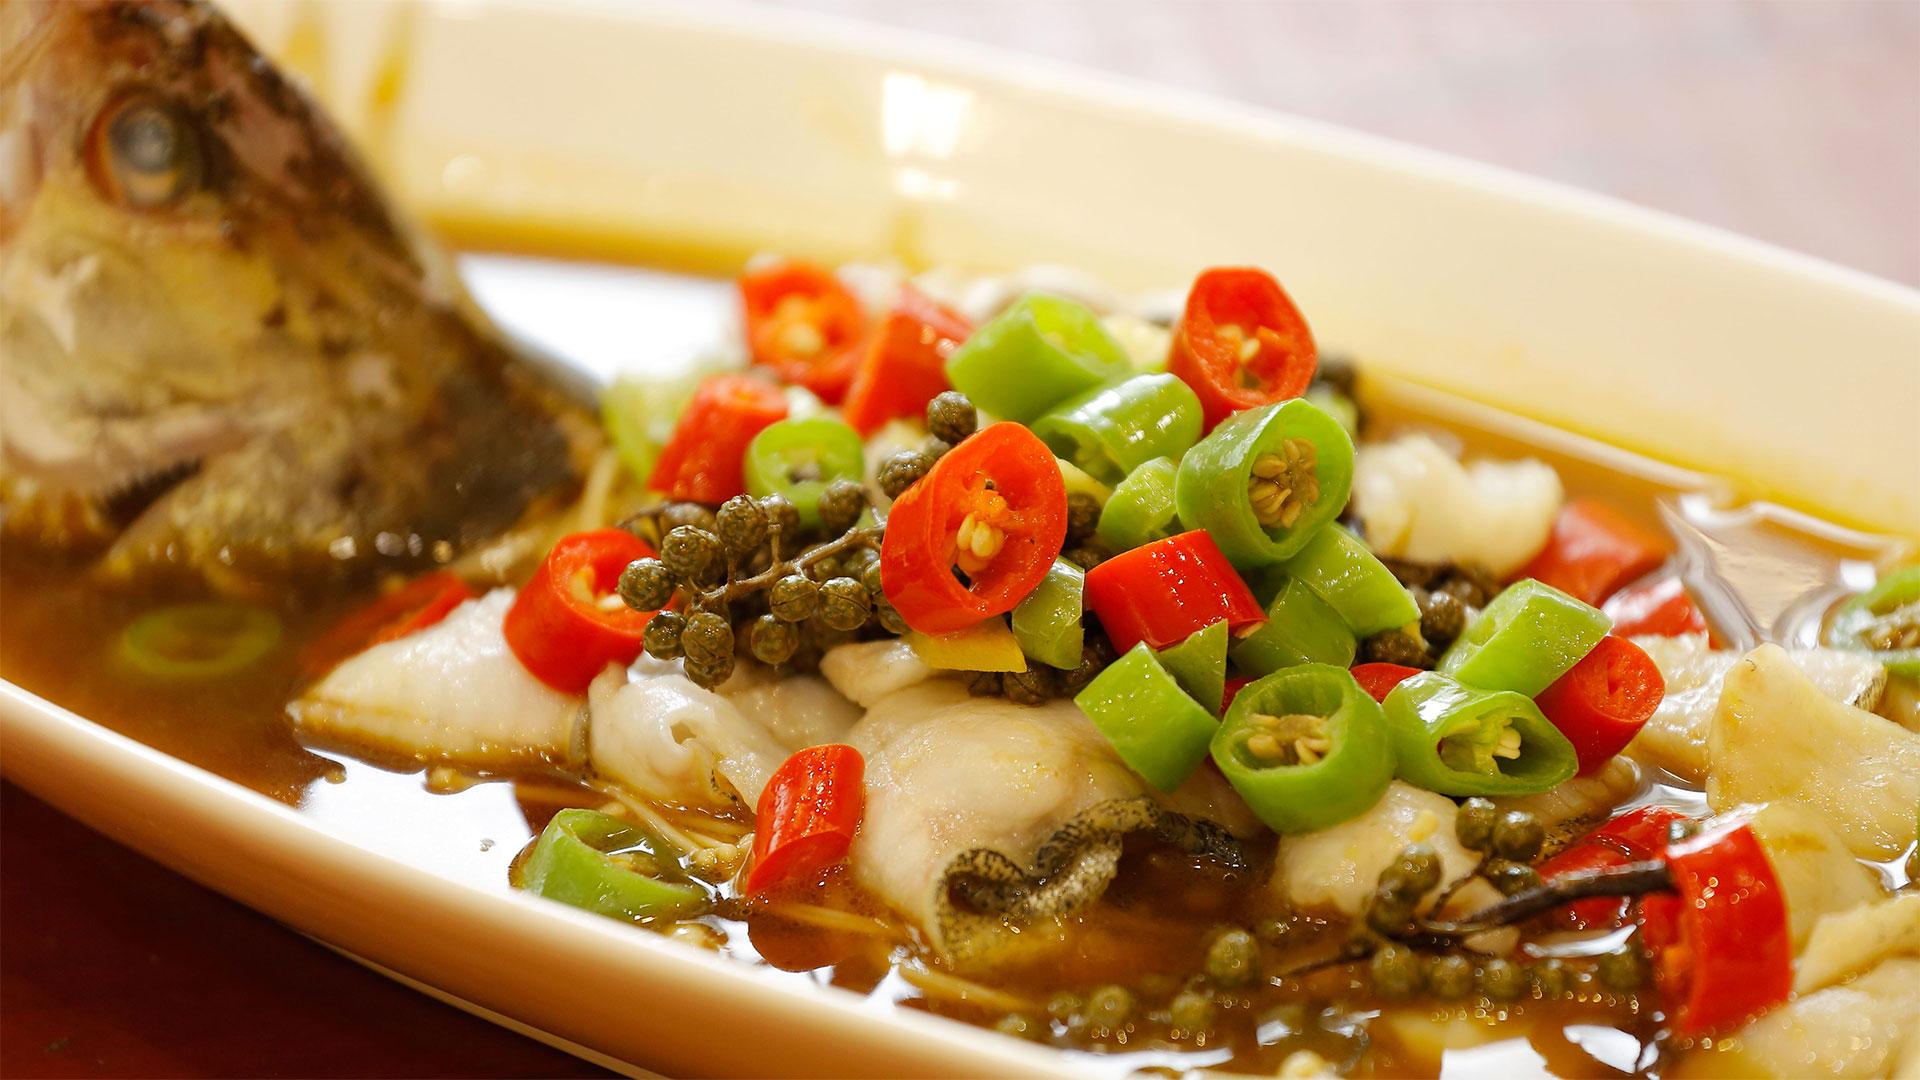 过年少鲶鱼一盘鱼!桂鱼肉多刺少,鱼缸.来清理肉质得了和清道夫图片